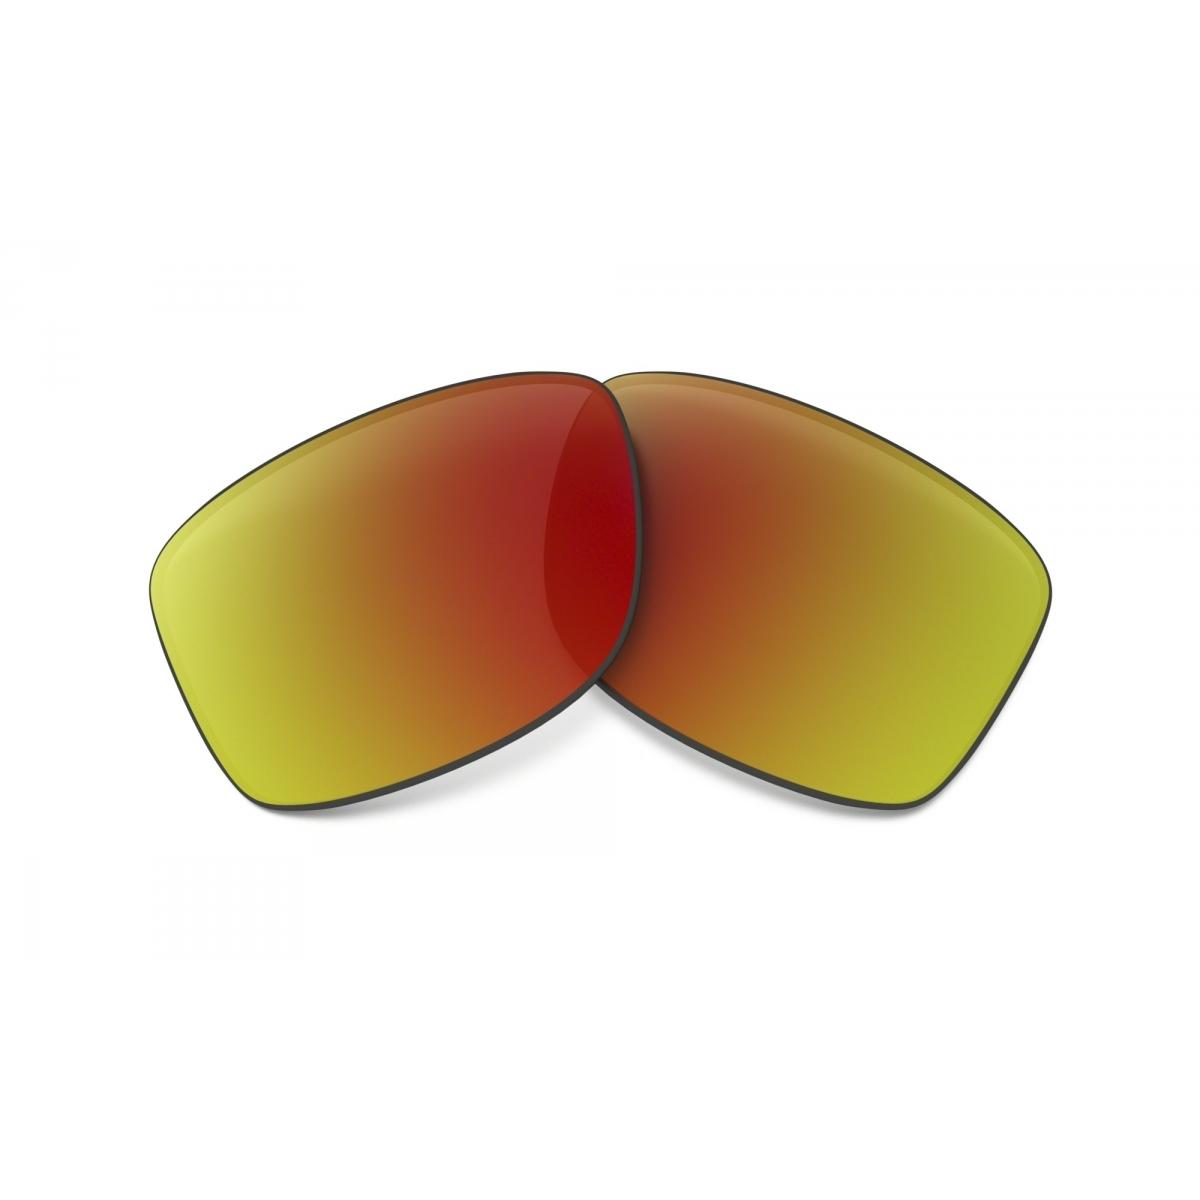 Oakley Iridium Squared Jupiter Ruby Repl Verres Lens MpVSzqUG